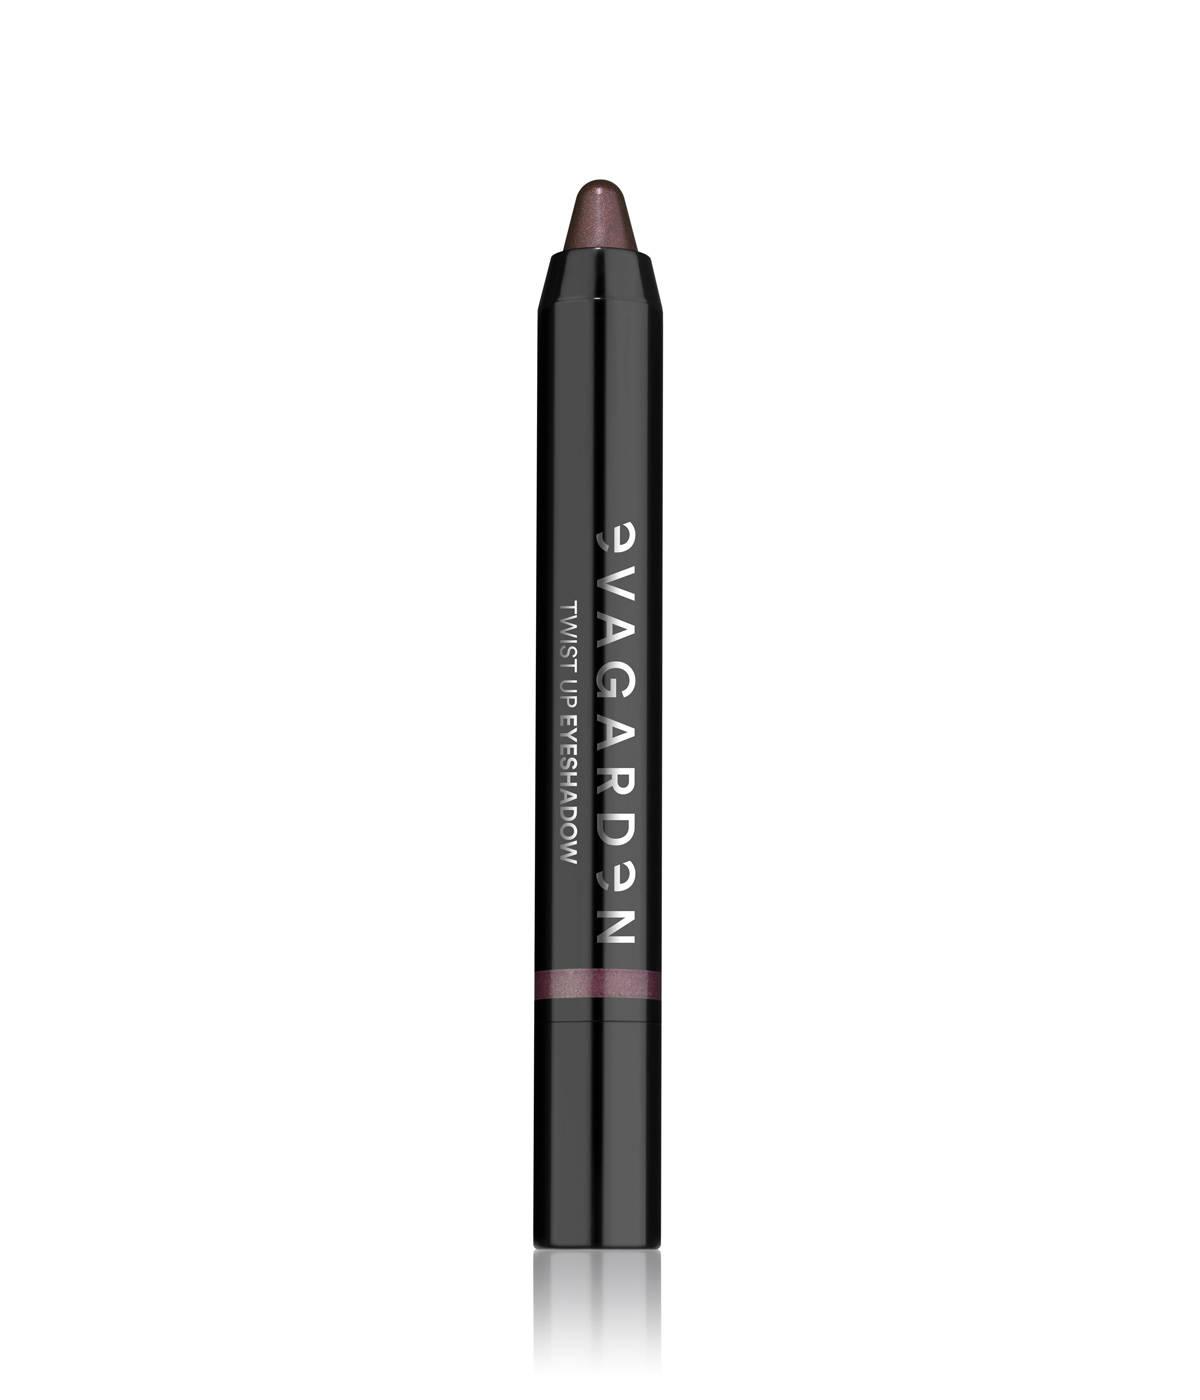 Galaxy Glam de EVAGARDEN - Maquillaje para profesionales